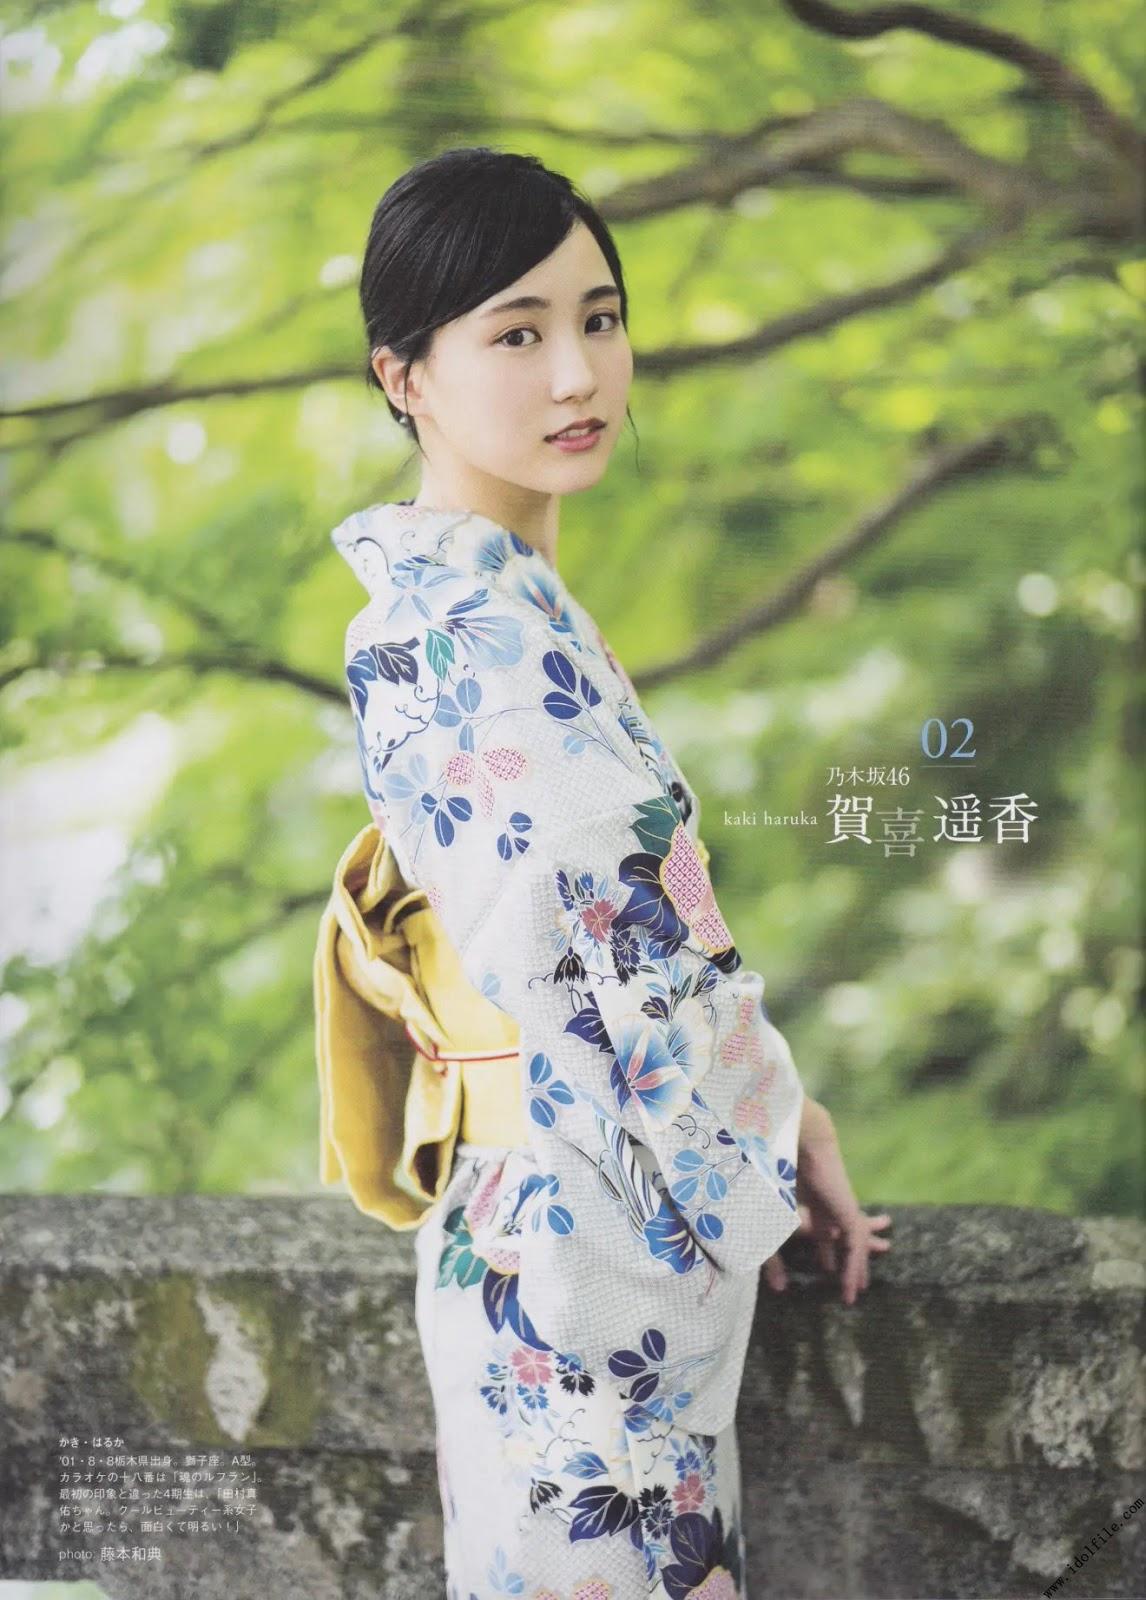 乃木坂46四期生  B.L.T Graph 2019年09月號 Vol.47 - 亞洲美女 -